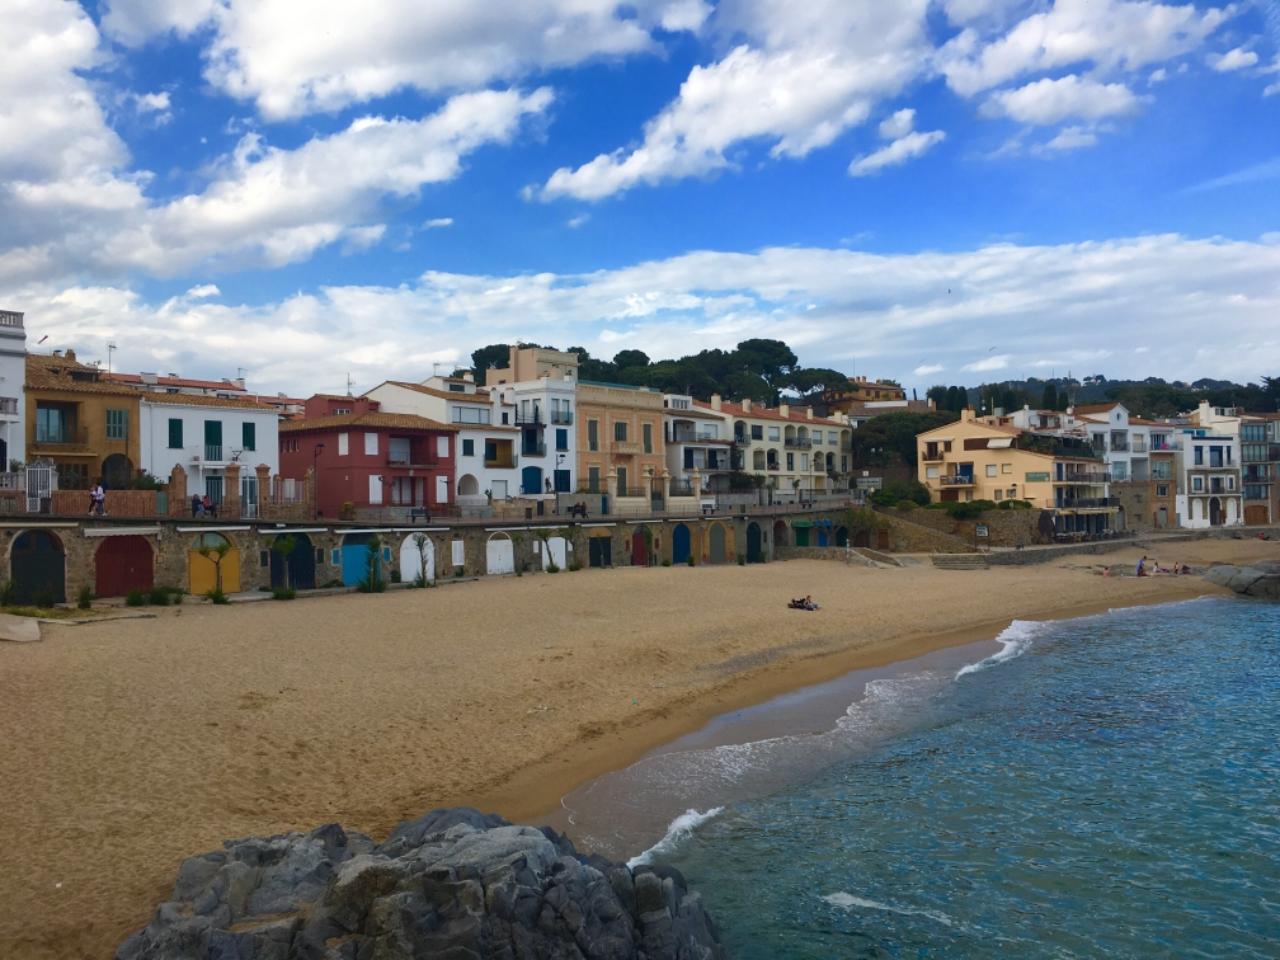 Photo 2: Visite de Calella de Palafrugell